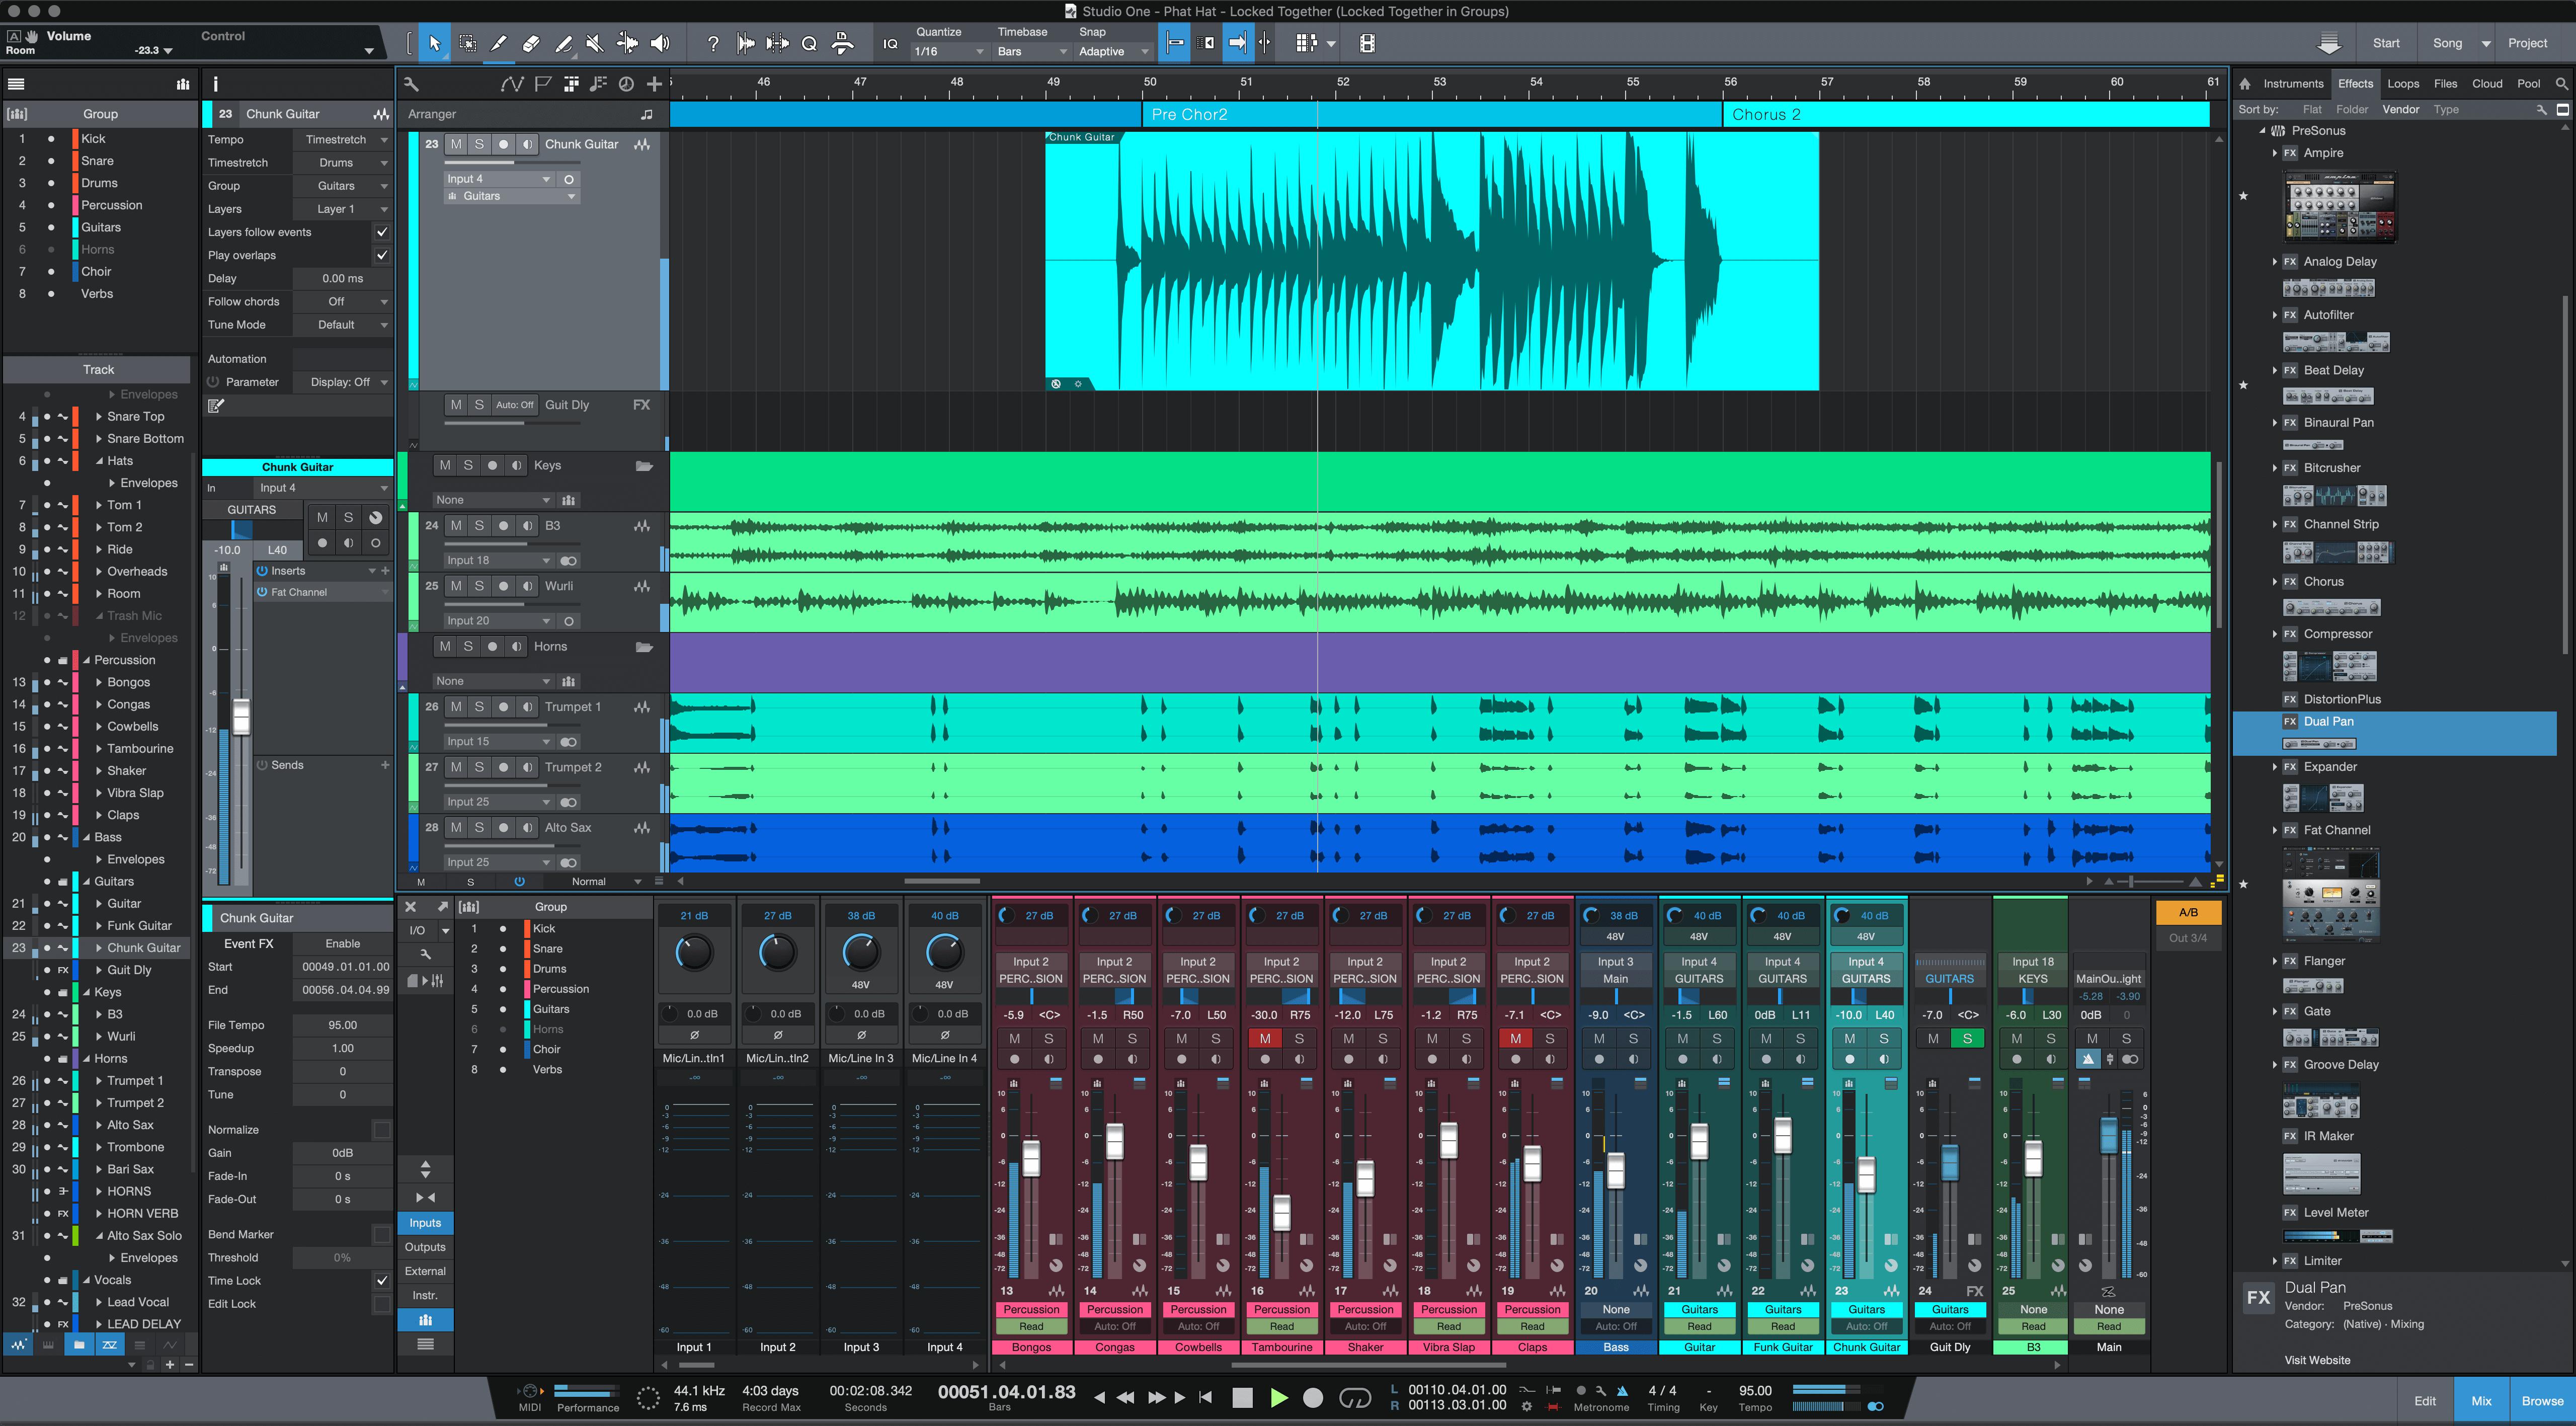 Free Download 5 1 Audio Converterunbound